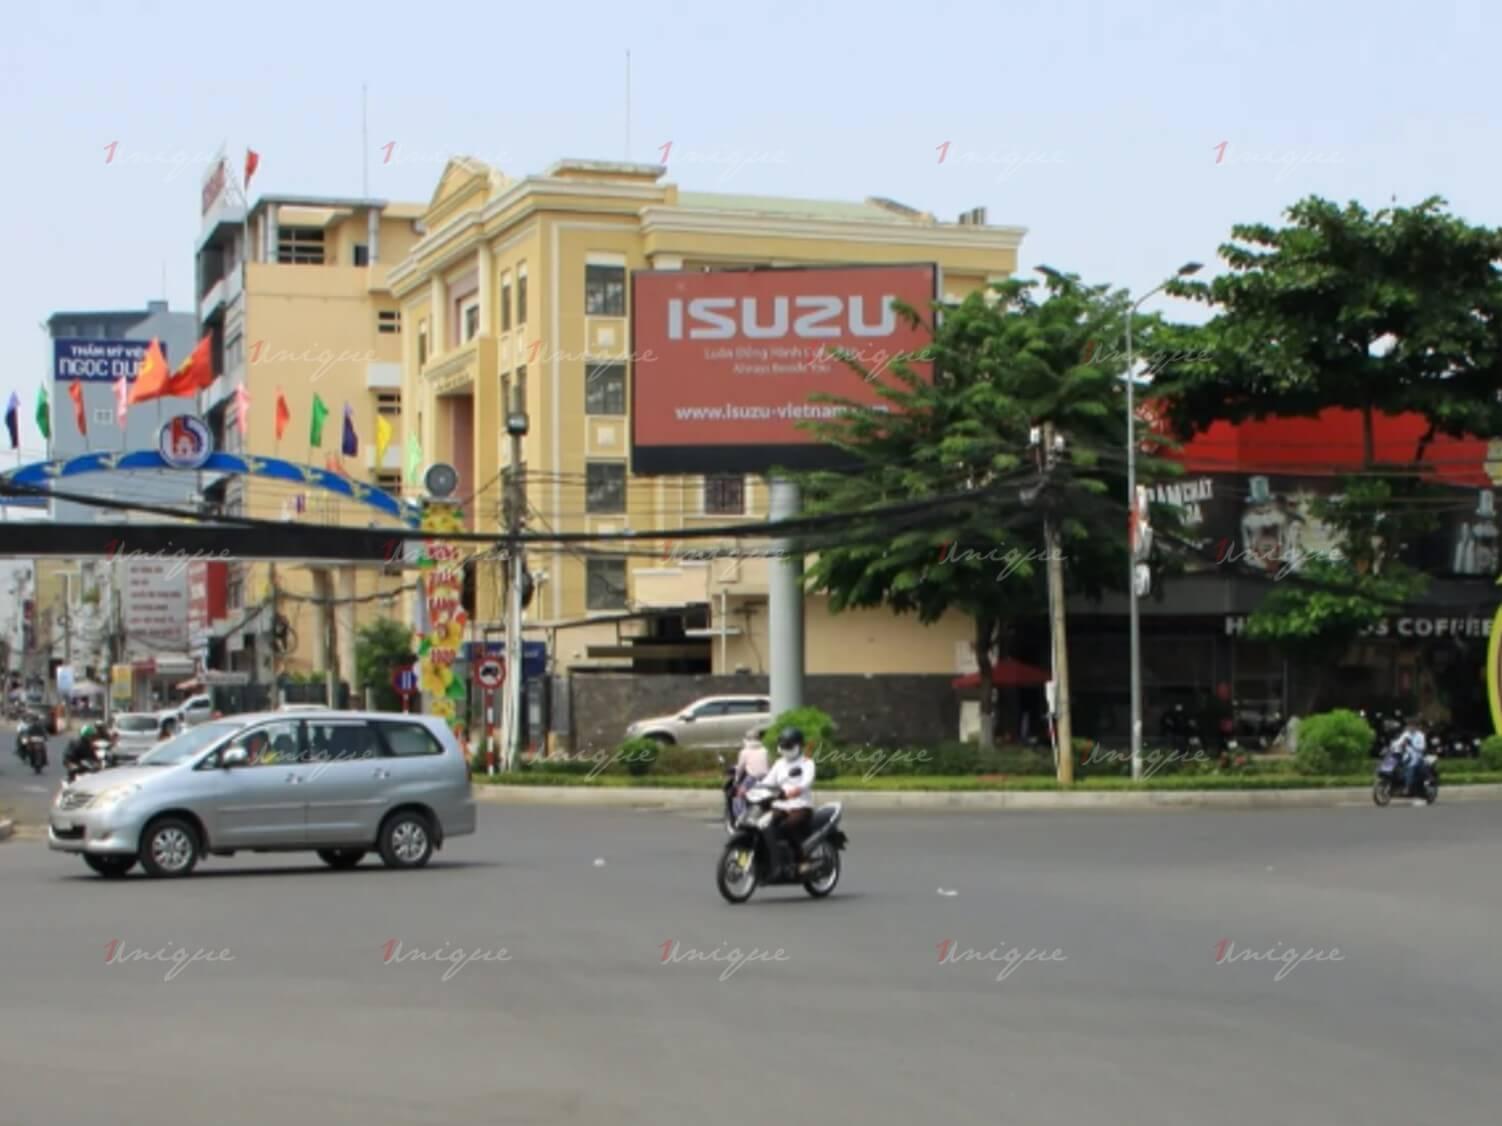 màn hình Led quảng cáo tại vòng xoay Biên Hùng, Đồng Nai